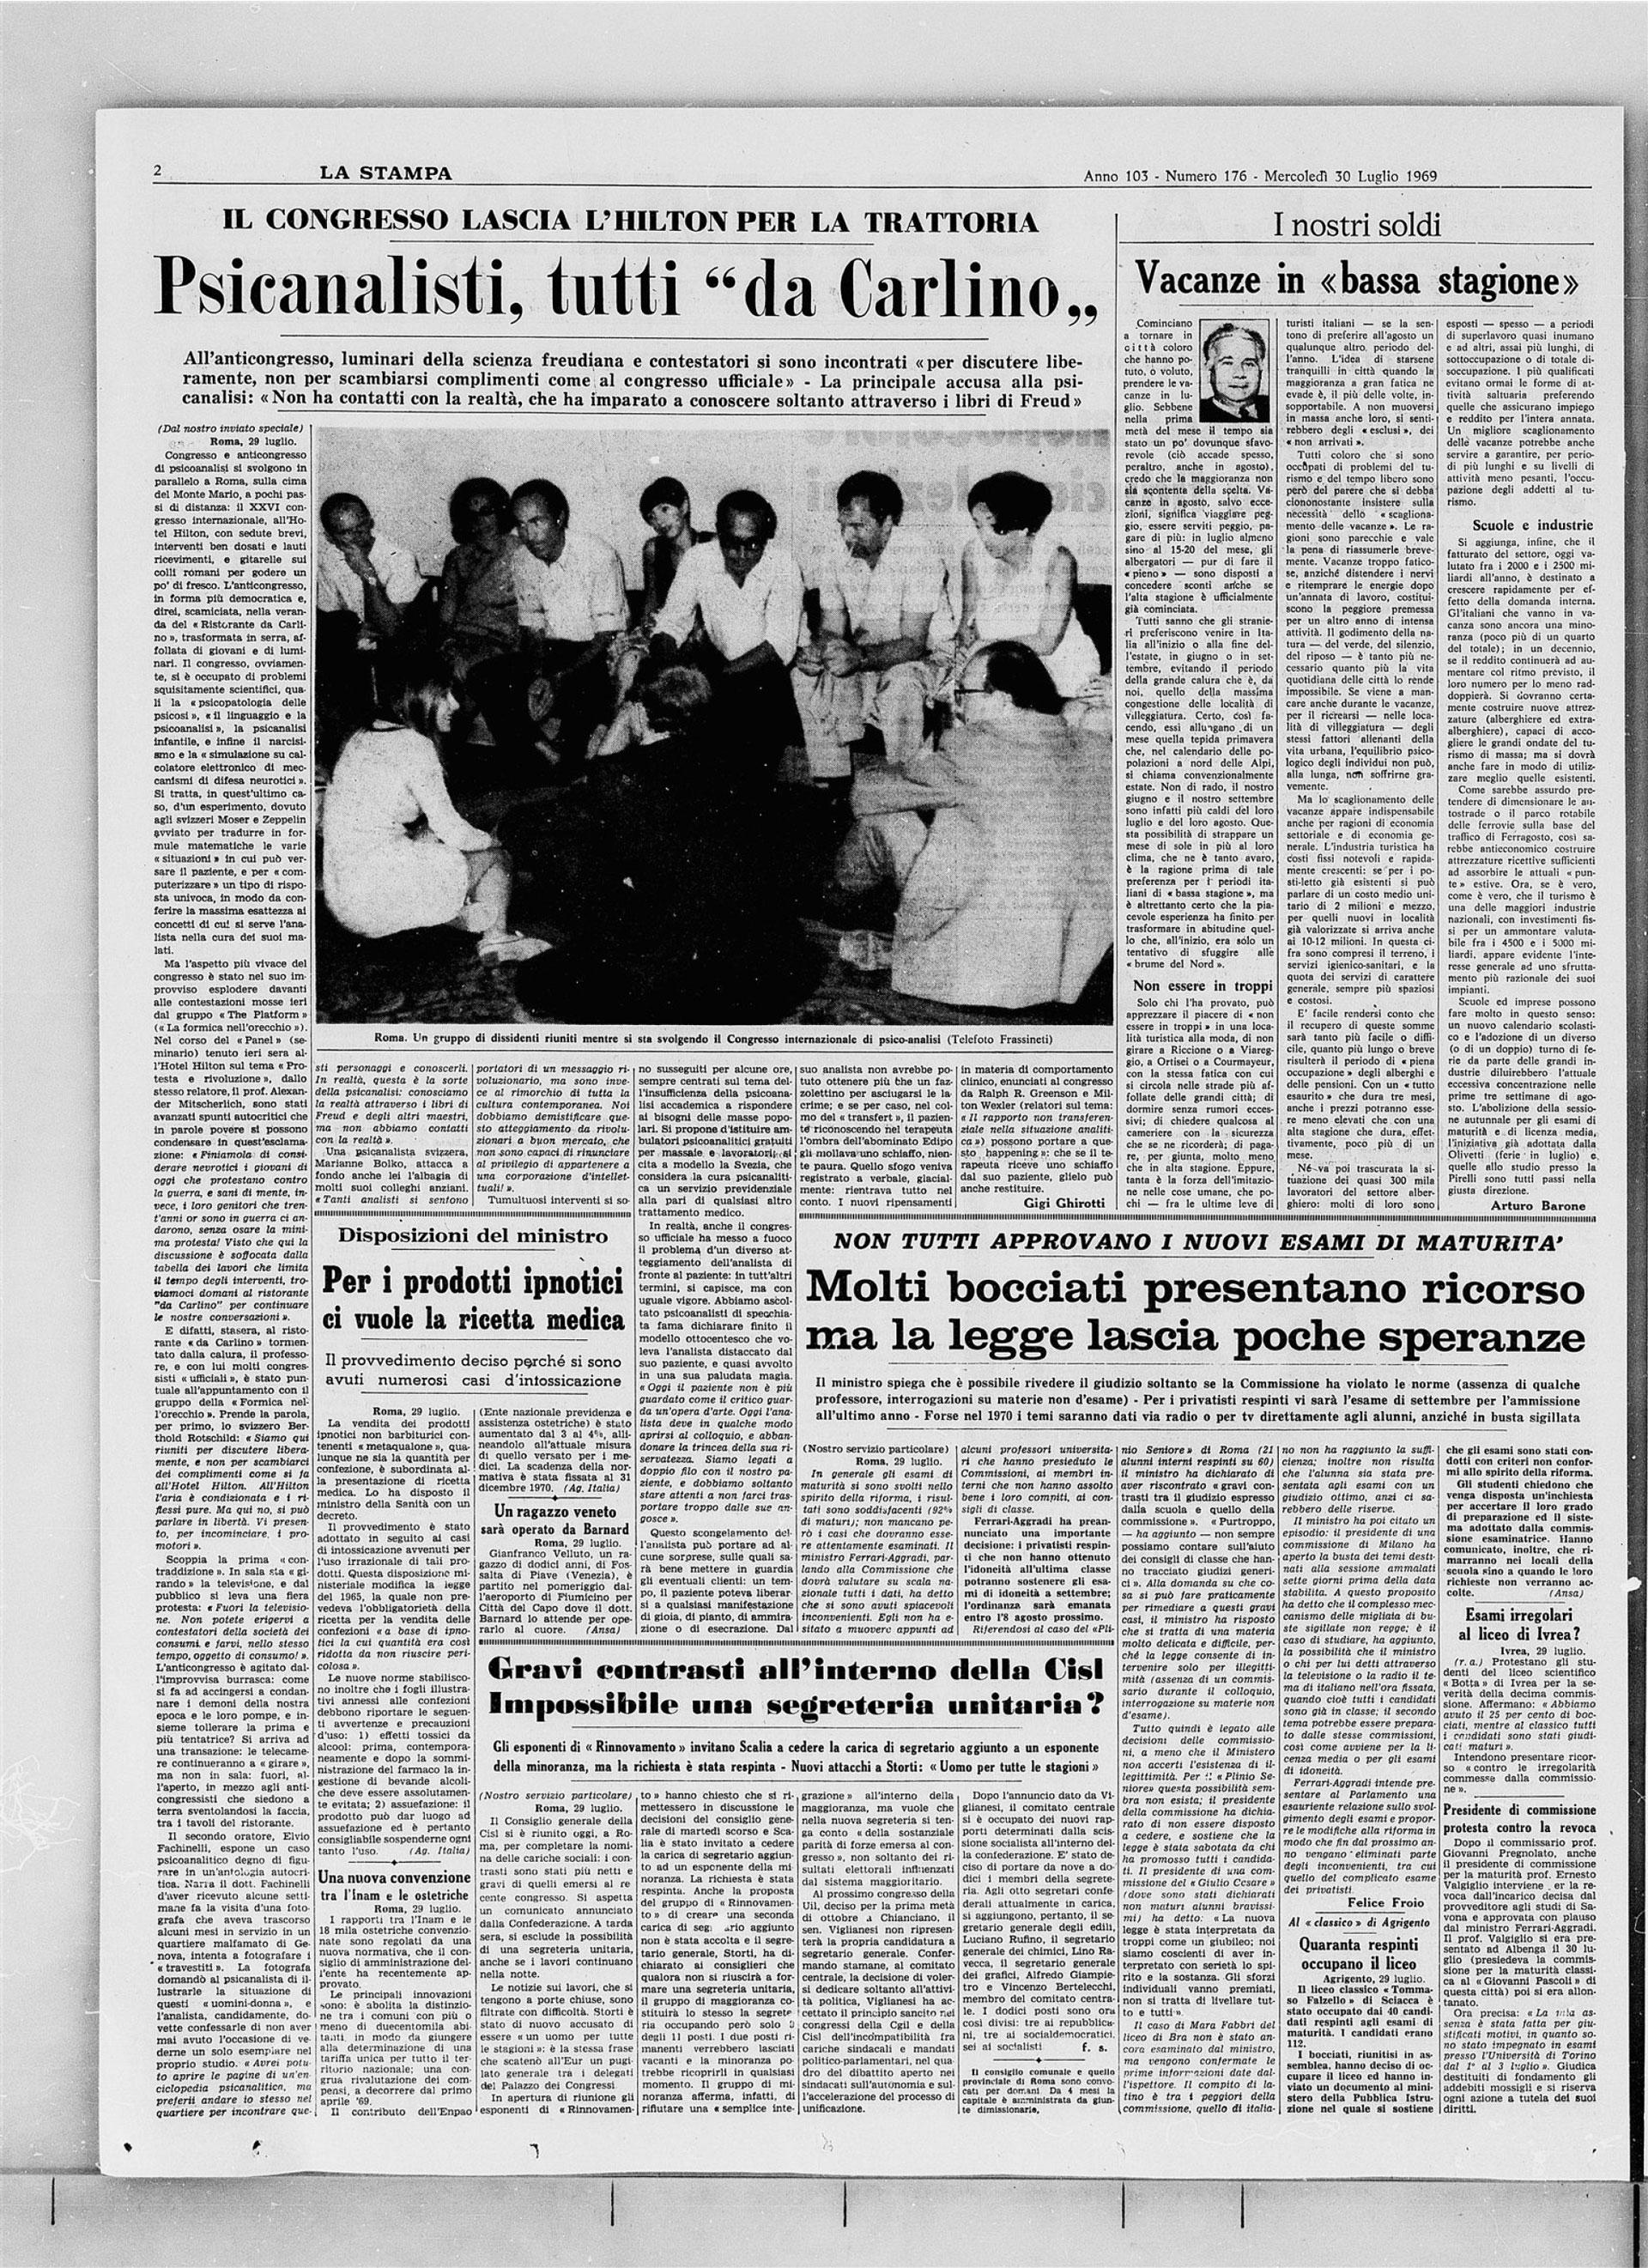 """Psicoanalisti, tutti """"da Carlino"""", """"La Stampa"""" - 30 luglio 1969"""